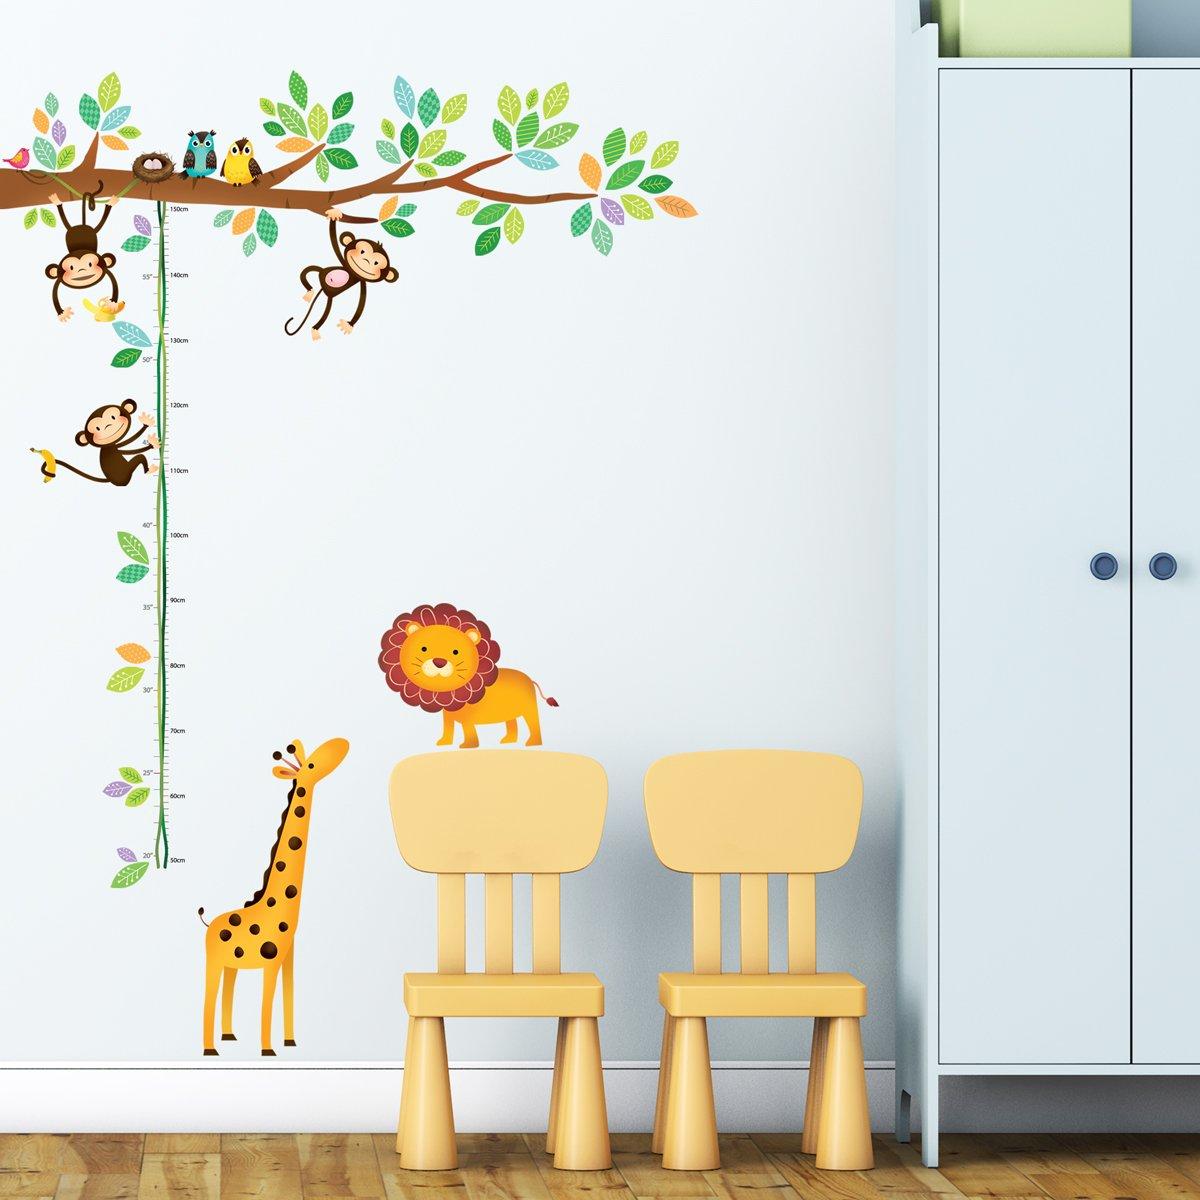 Decowall DW-1402 Albero con Scimmiette e Tabella di Altezza con Animali Adesivi da Parete Decorazioni Parete Stickers Murali Soggiorno Asilo Nido Camera da Letto per Bambini